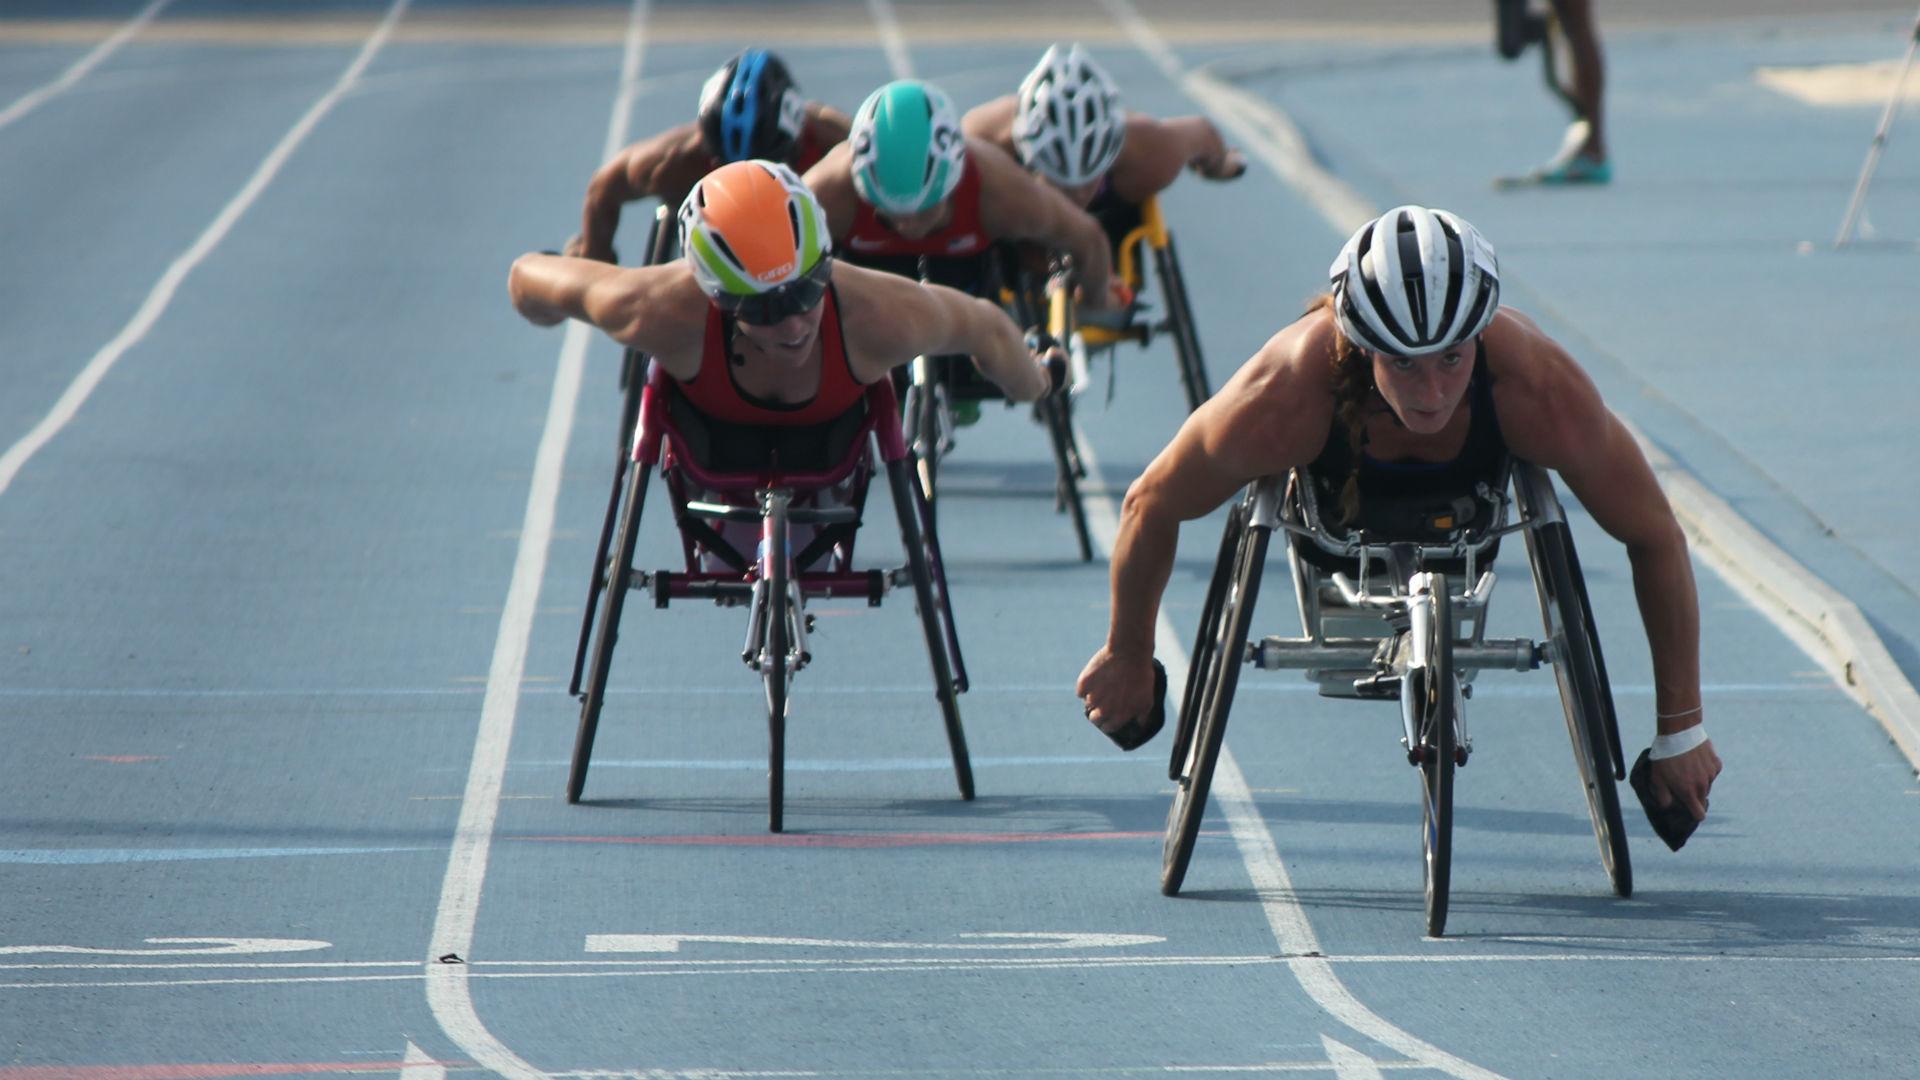 Rio Paralympics 2016: Tatyana McFadden set to dominate in Brazil